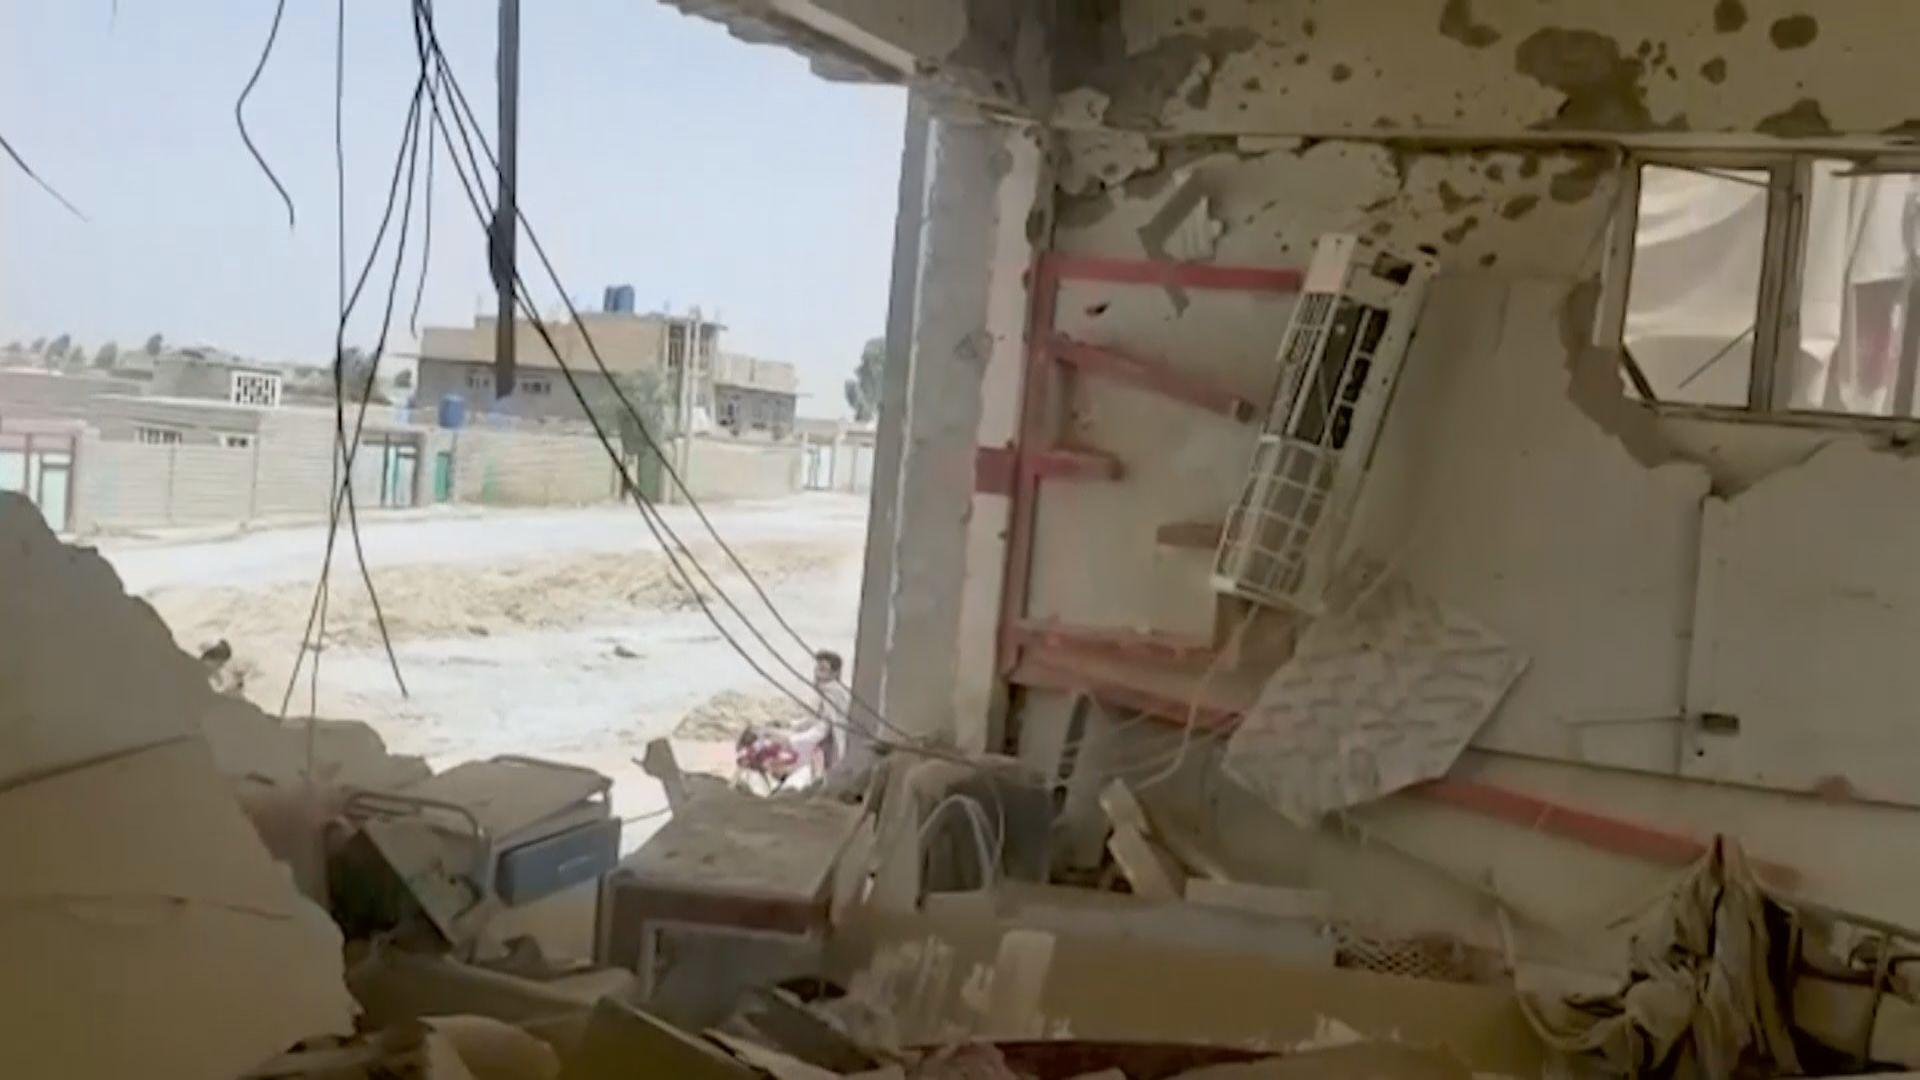 阿富汗代理防長住宅外發生汽車炸彈爆炸 塔利班承認責任